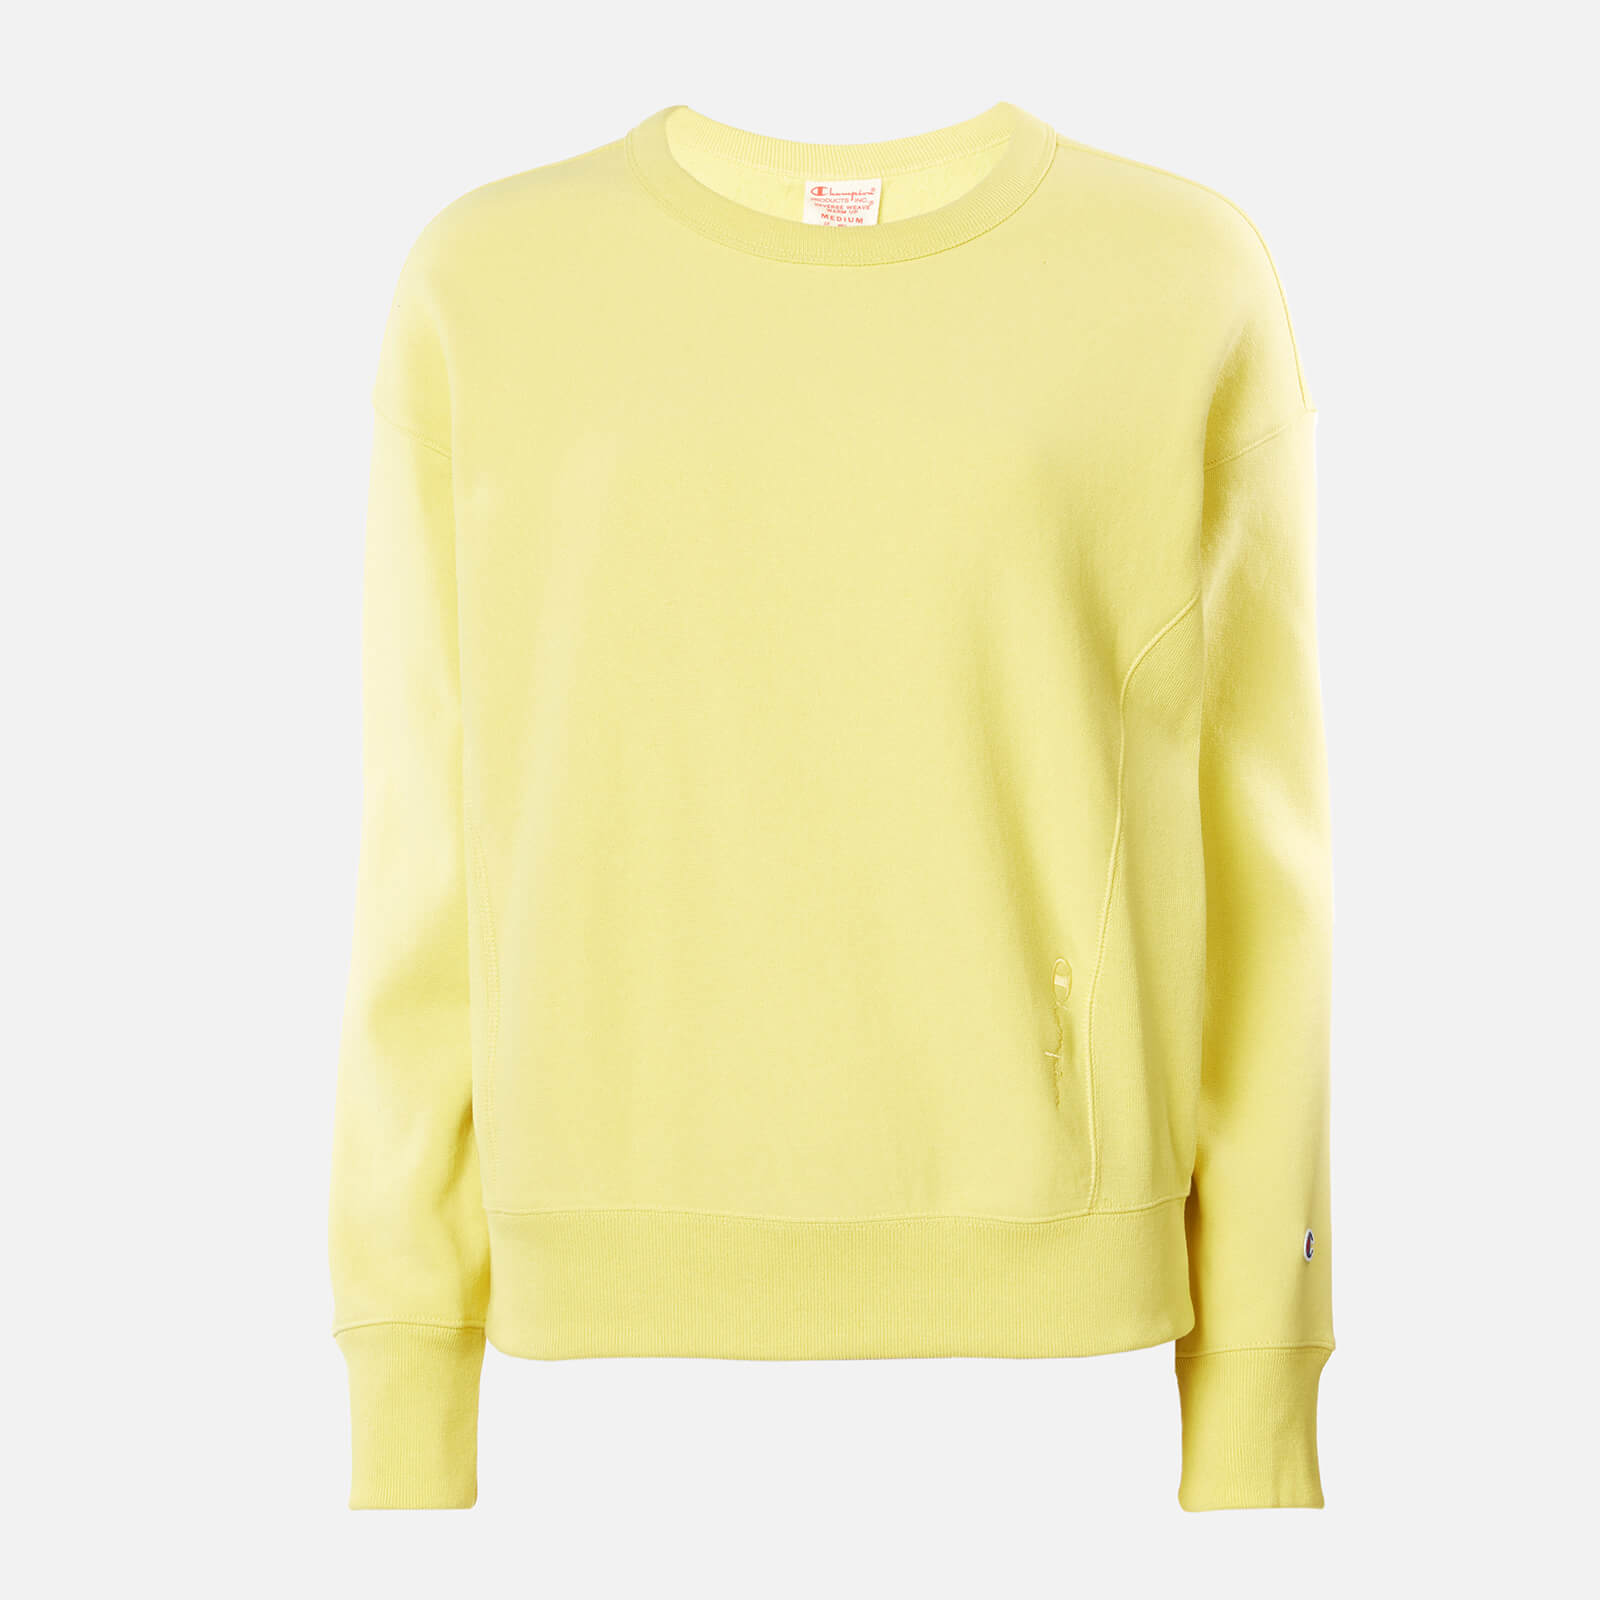 yellow champion sweatshirt